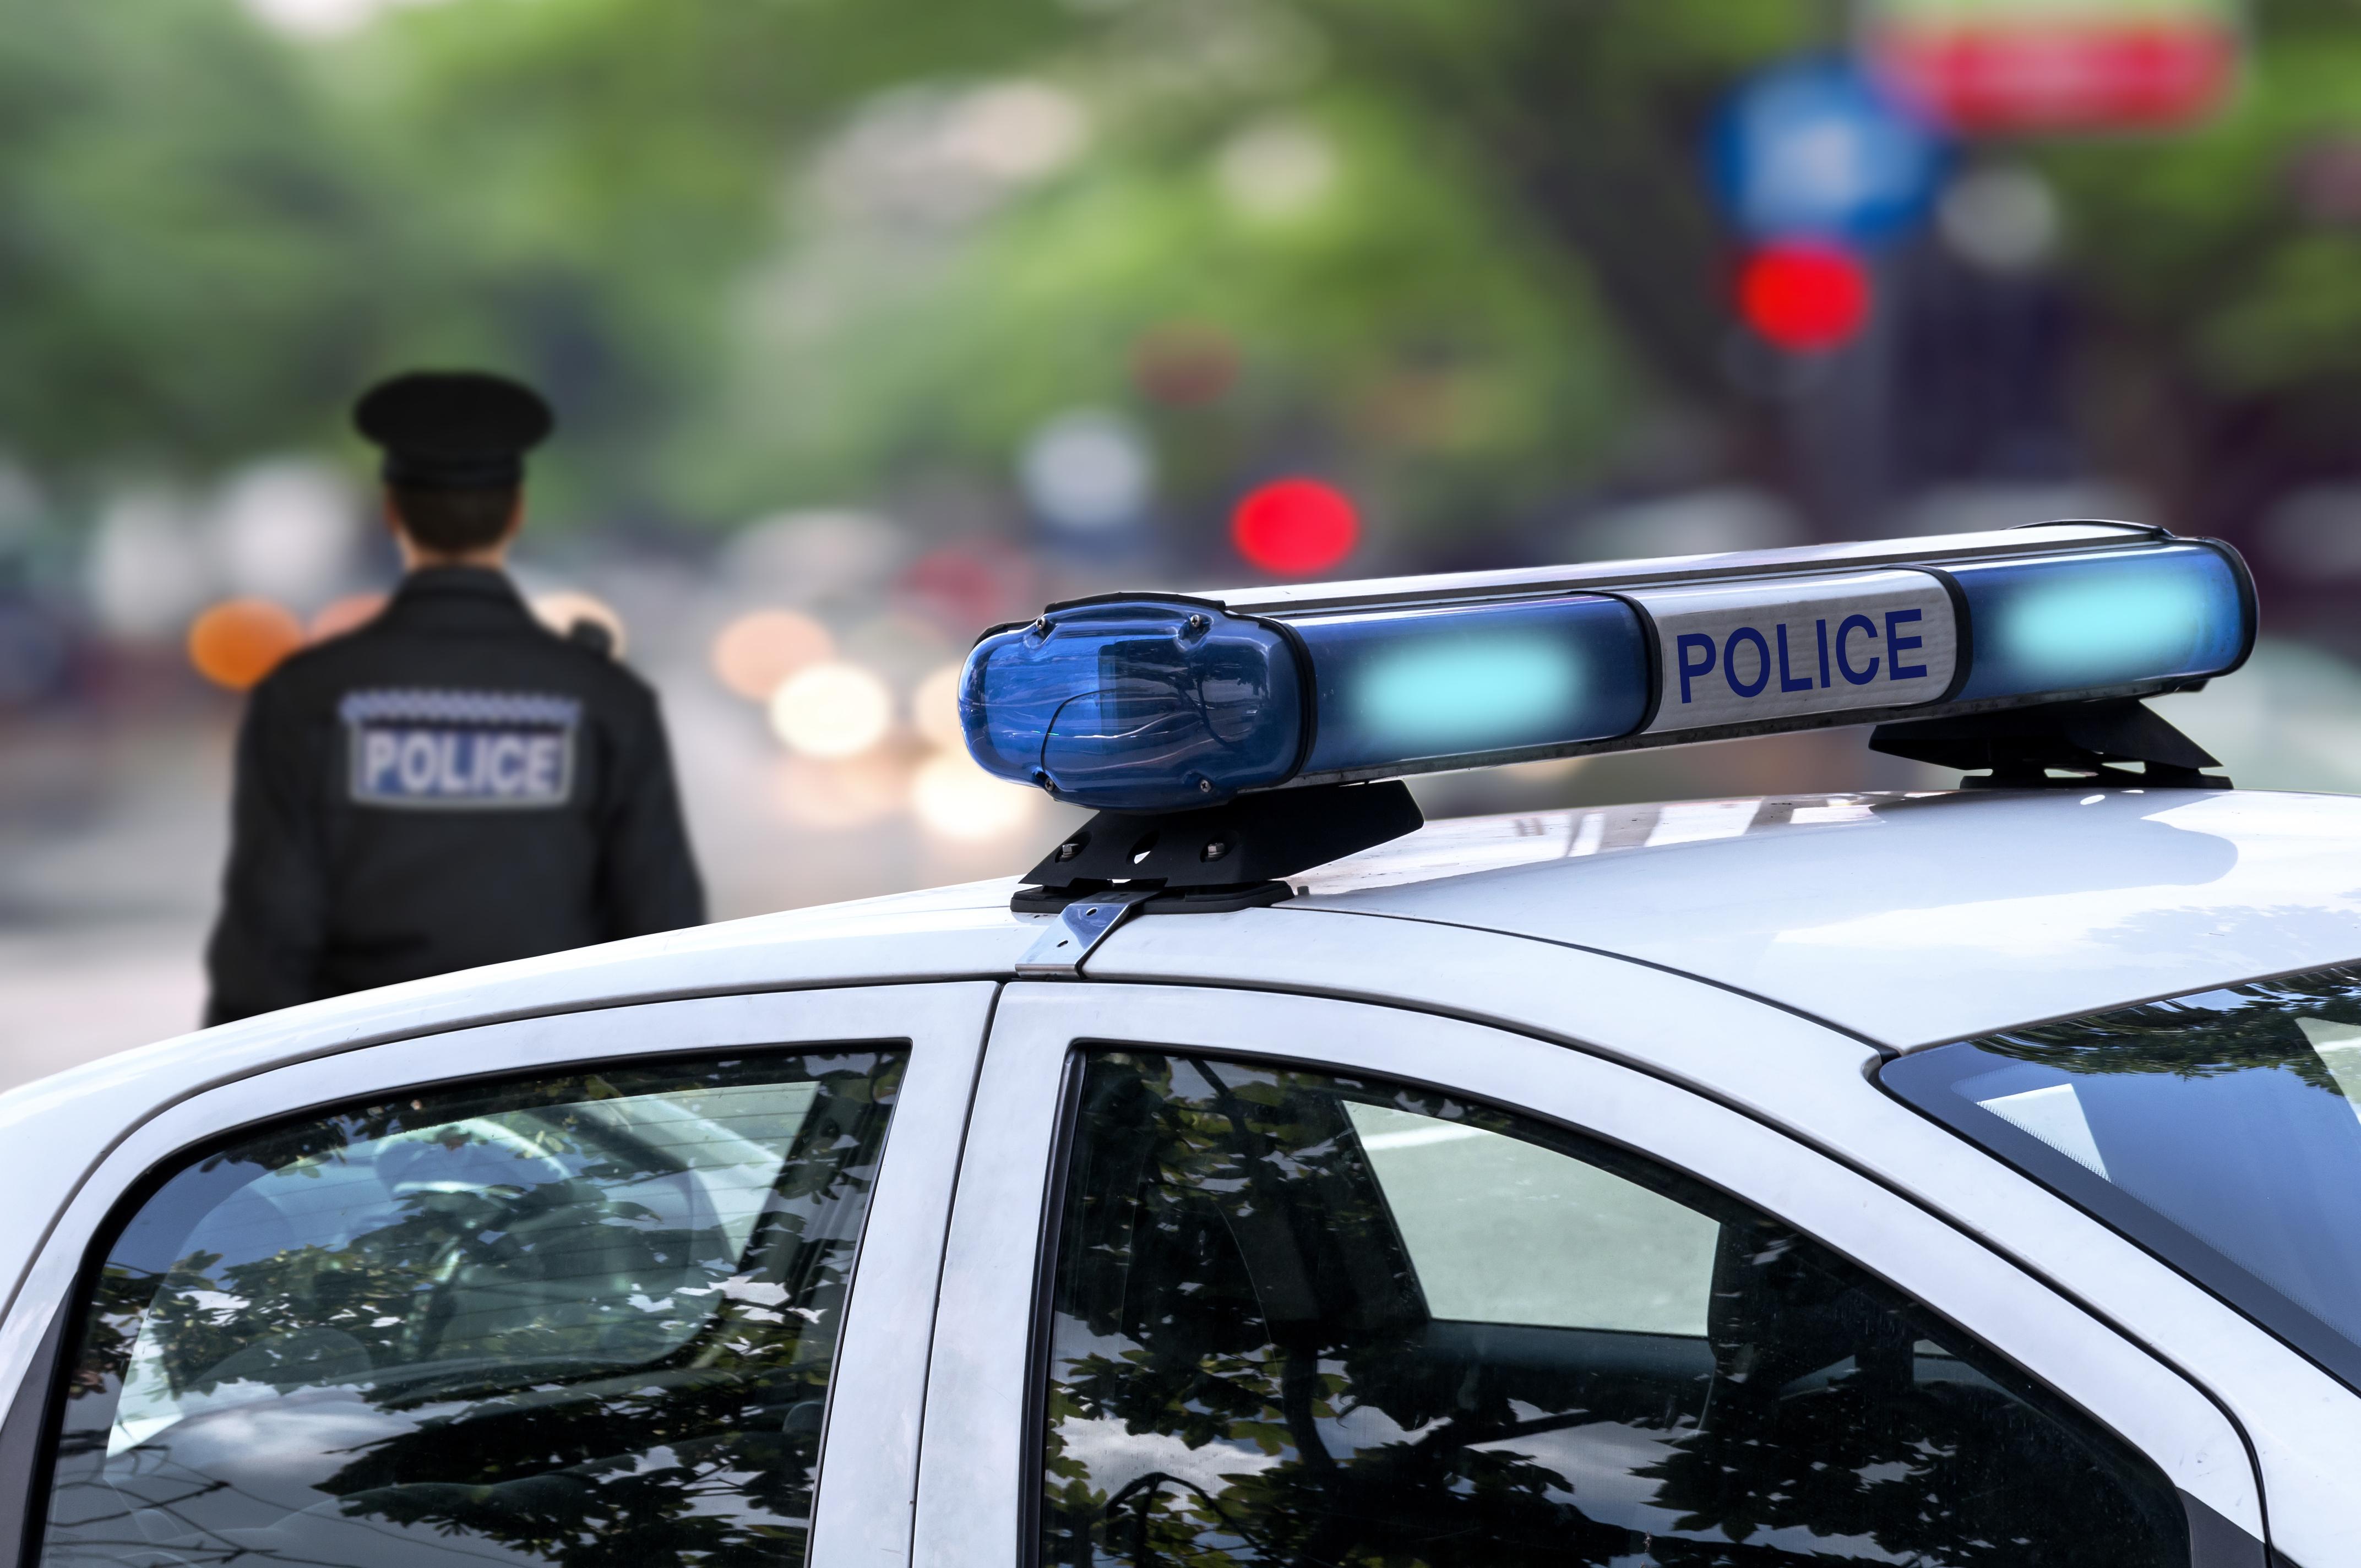 Lights on a police car